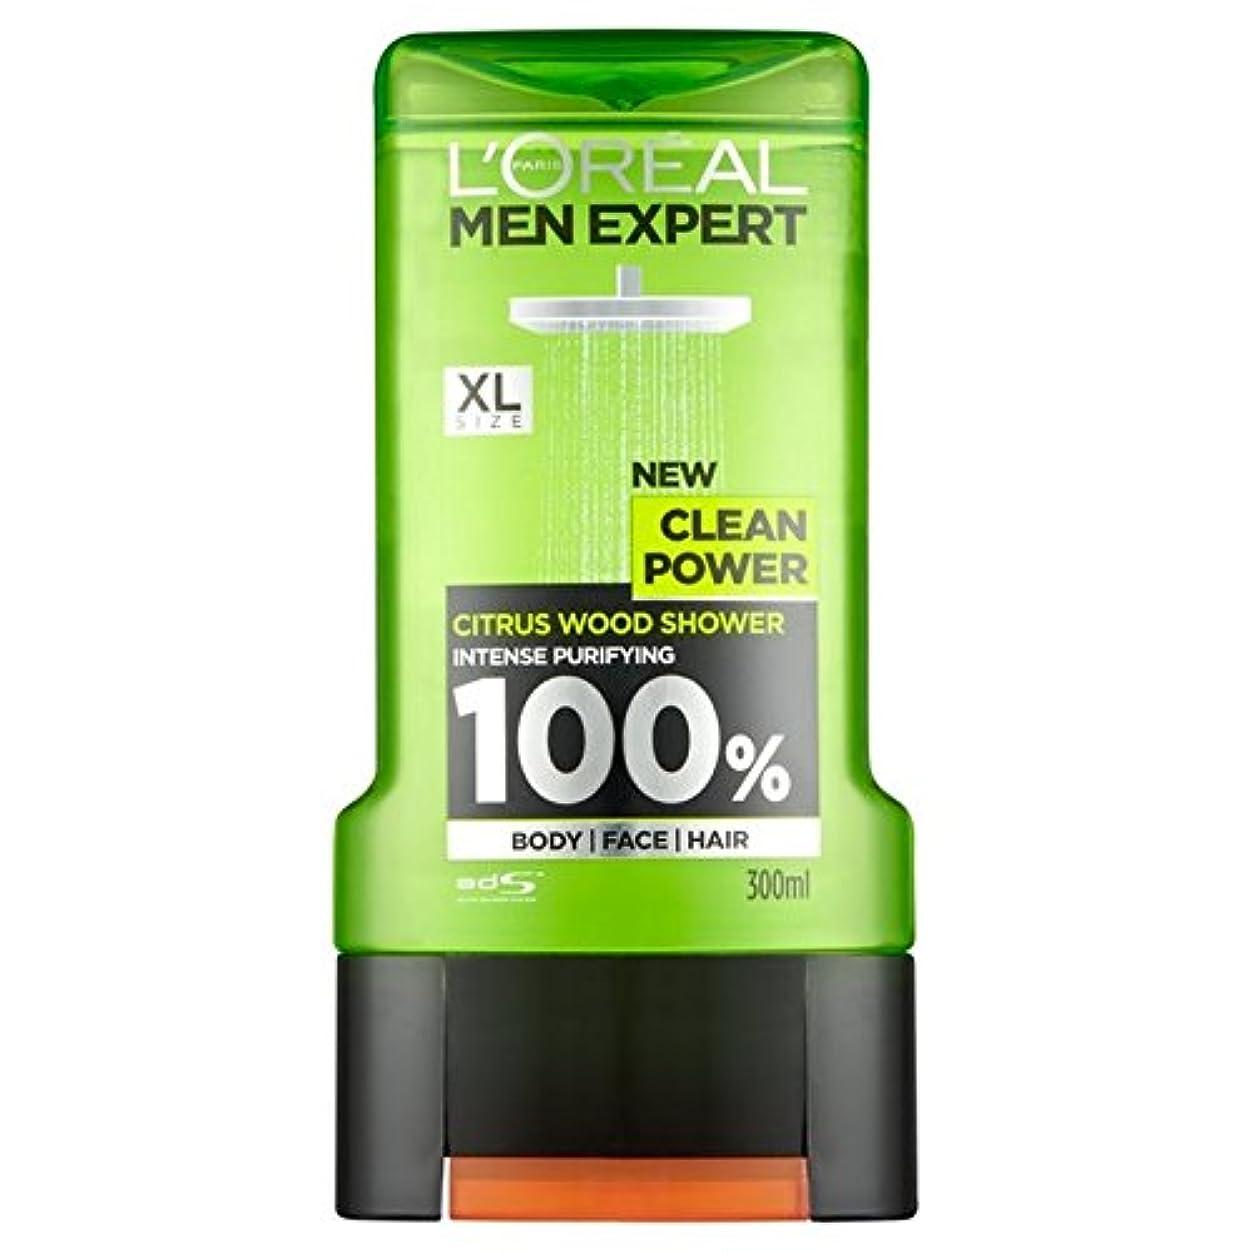 出血検体憤るL'Oreal Paris Men Expert Clean Power Shower Gel 300ml - ロレアルパリの男性の専門家クリーンパワーシャワージェル300ミリリットル [並行輸入品]